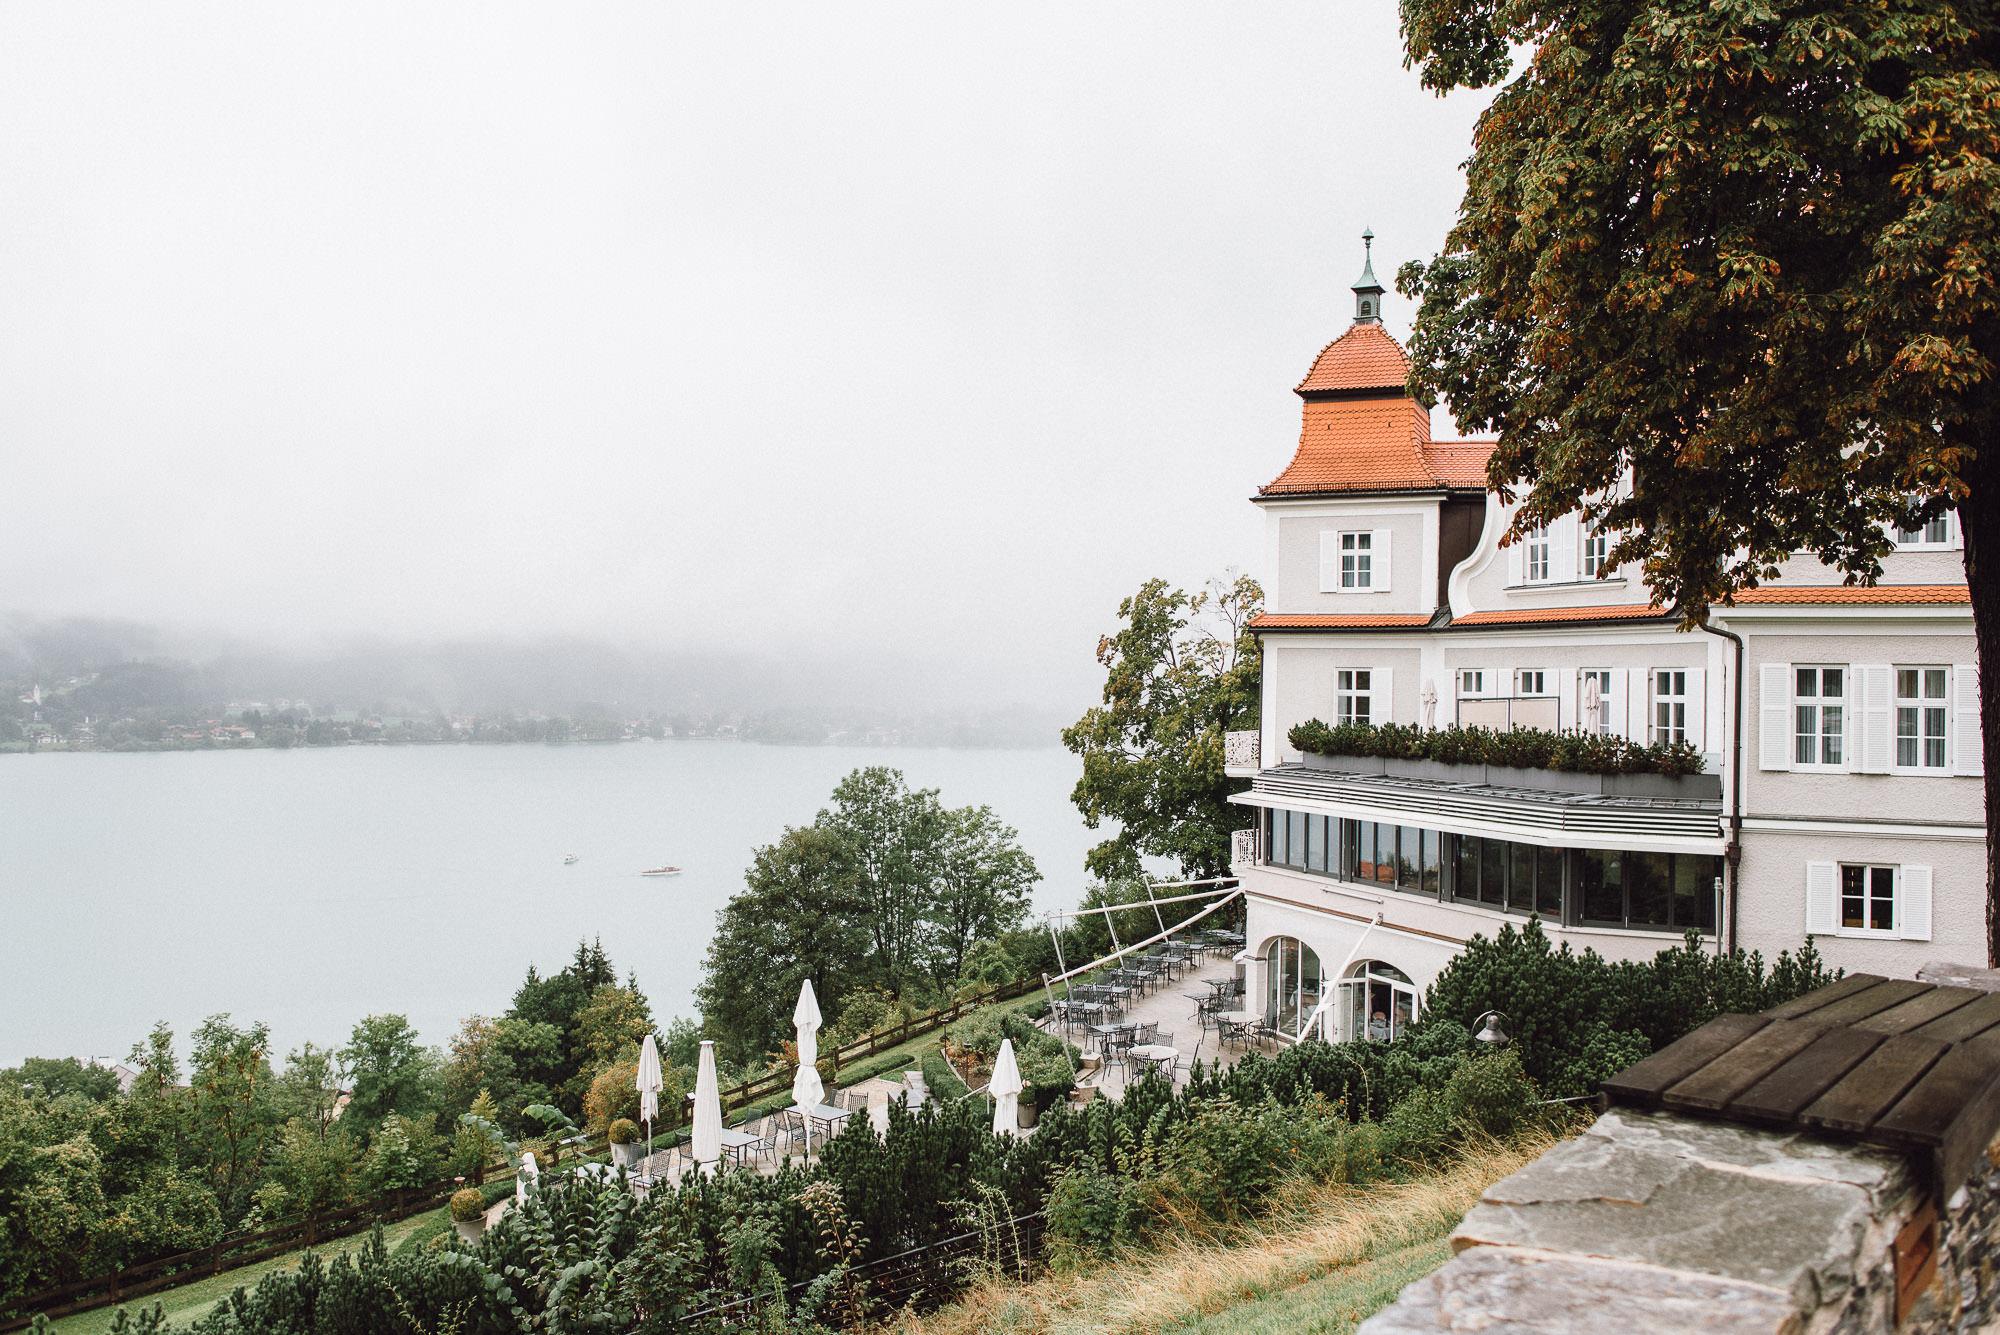 Schlosshotel am Tegernsee